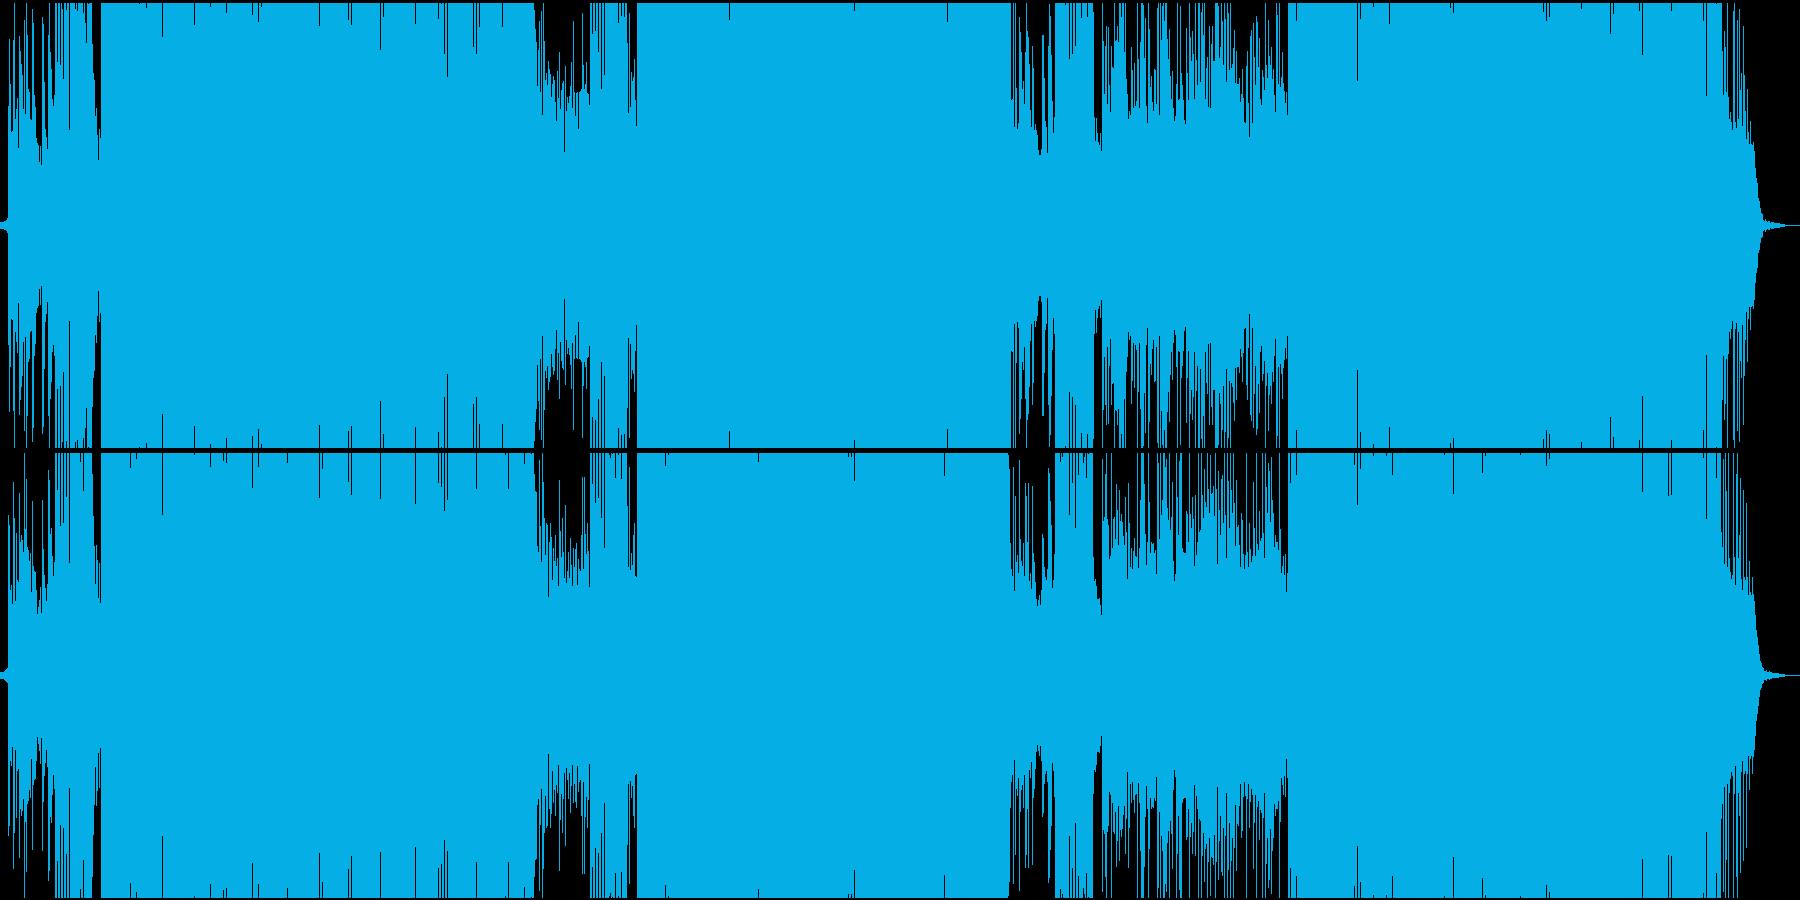 「タイスの瞑想曲」をトランス系アレンジの再生済みの波形